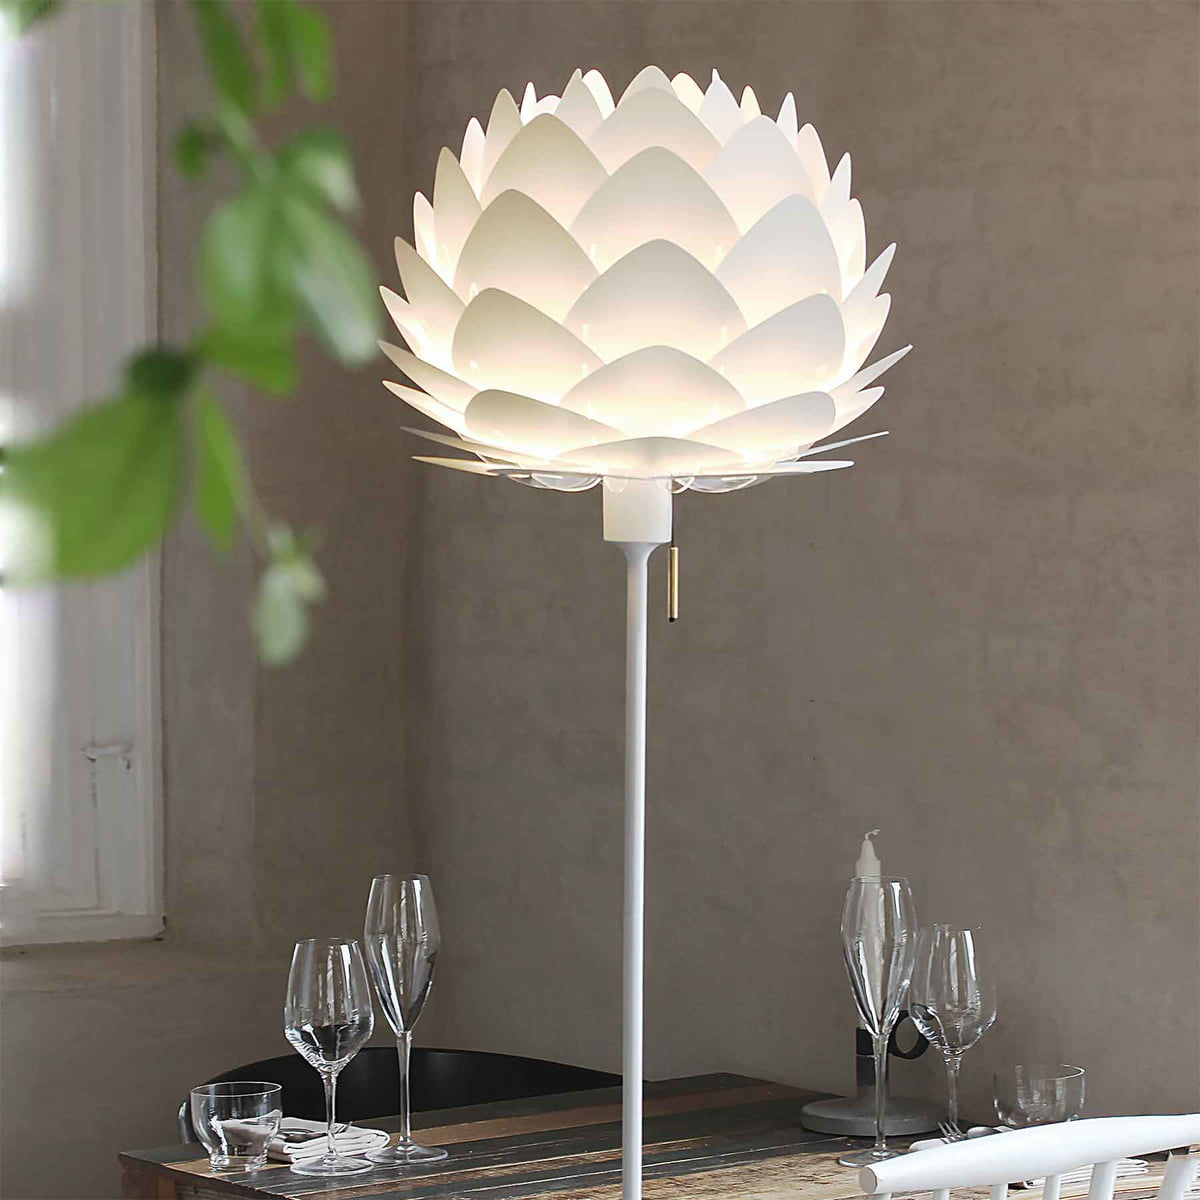 Aluvia L&shade Mini Ø 40 cm by Vita in Pearl & Aluvia Lampshade by Vita   Connox Shop azcodes.com